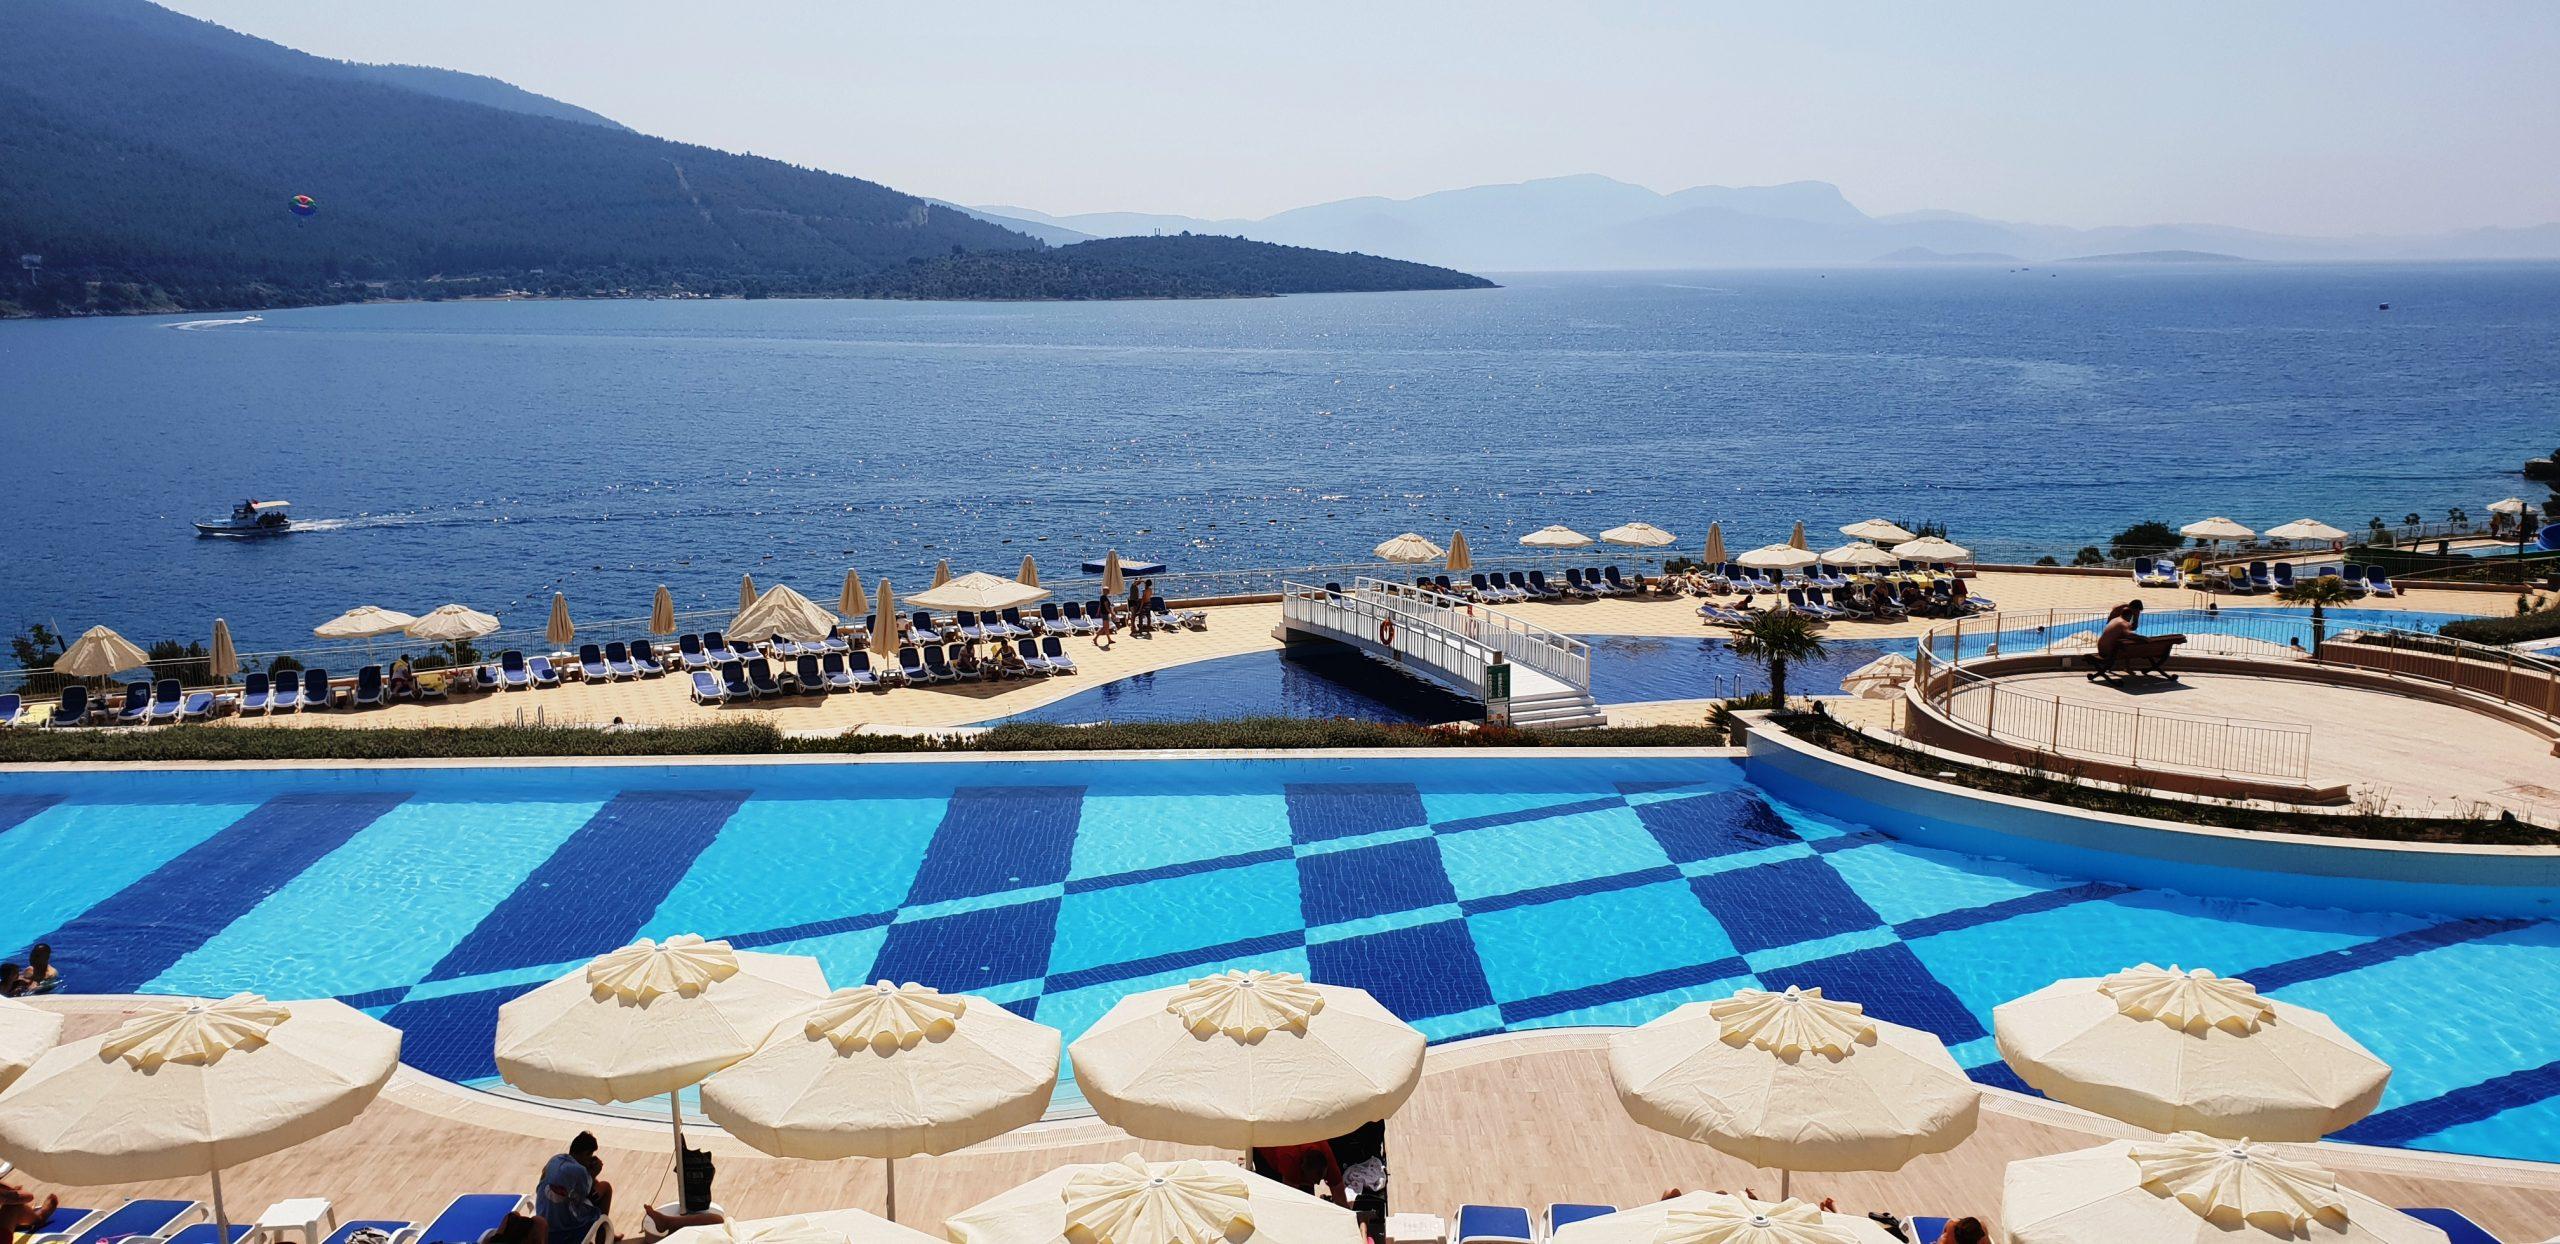 Vacanţă în Bodrum,Turcia foto @ANCAPAVEL.RO